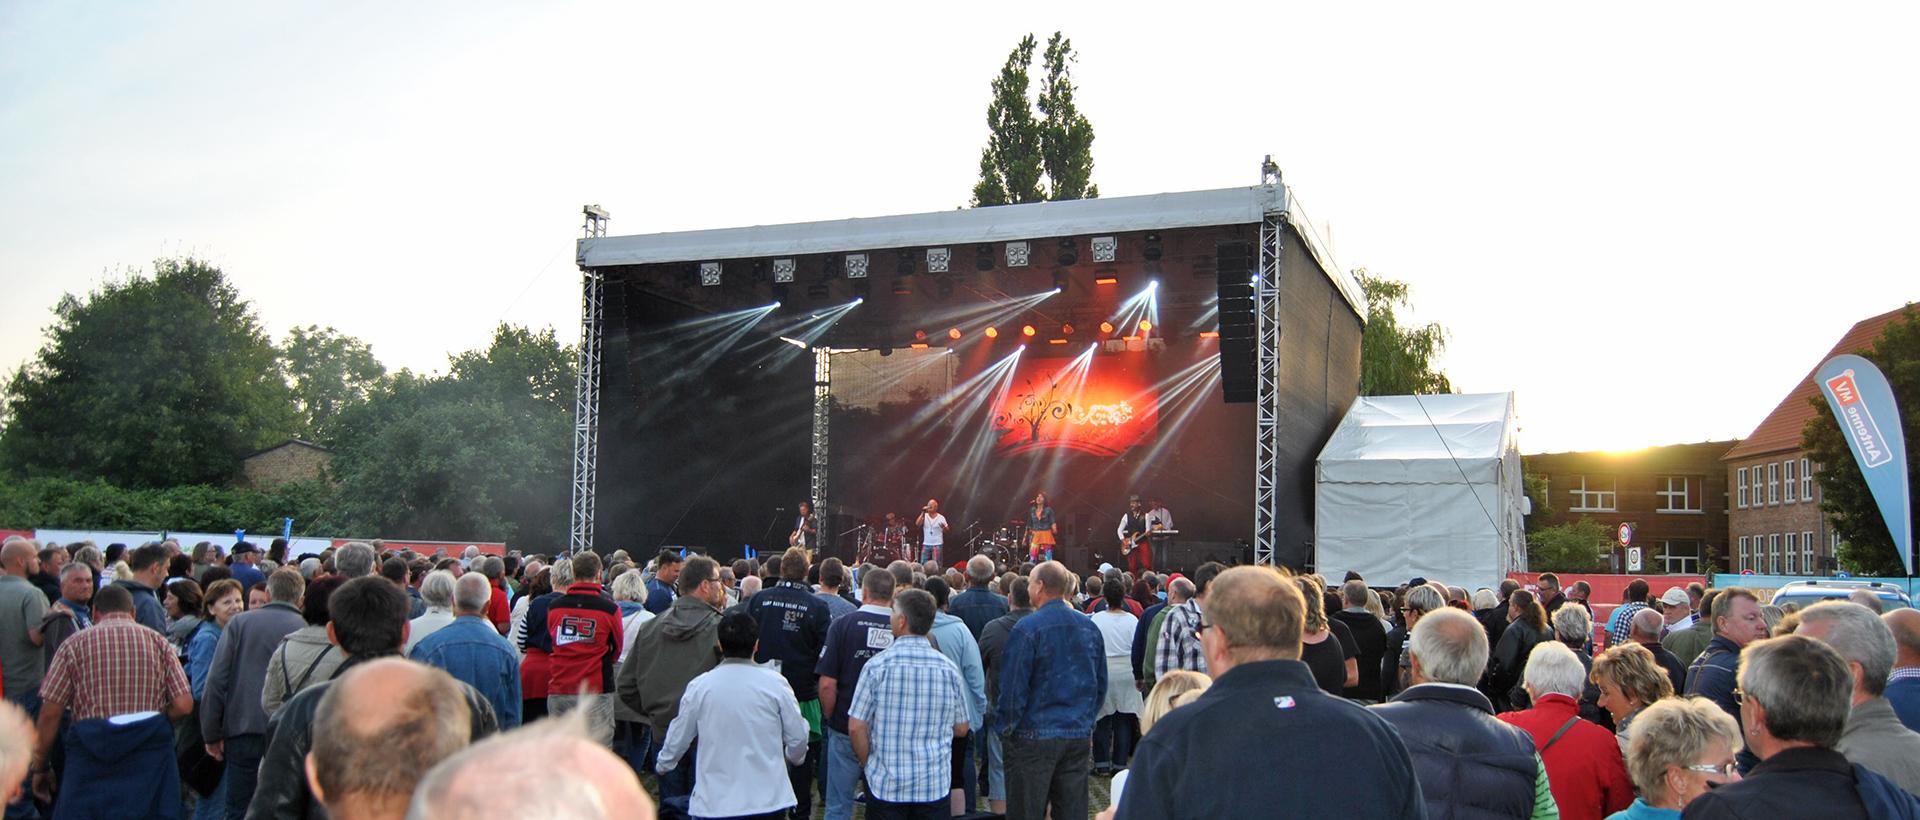 events rückblick sundkonzerte 2015 sommerkult am strelasund saragossa band mahnkesche wiese stralsund events in vorpommern